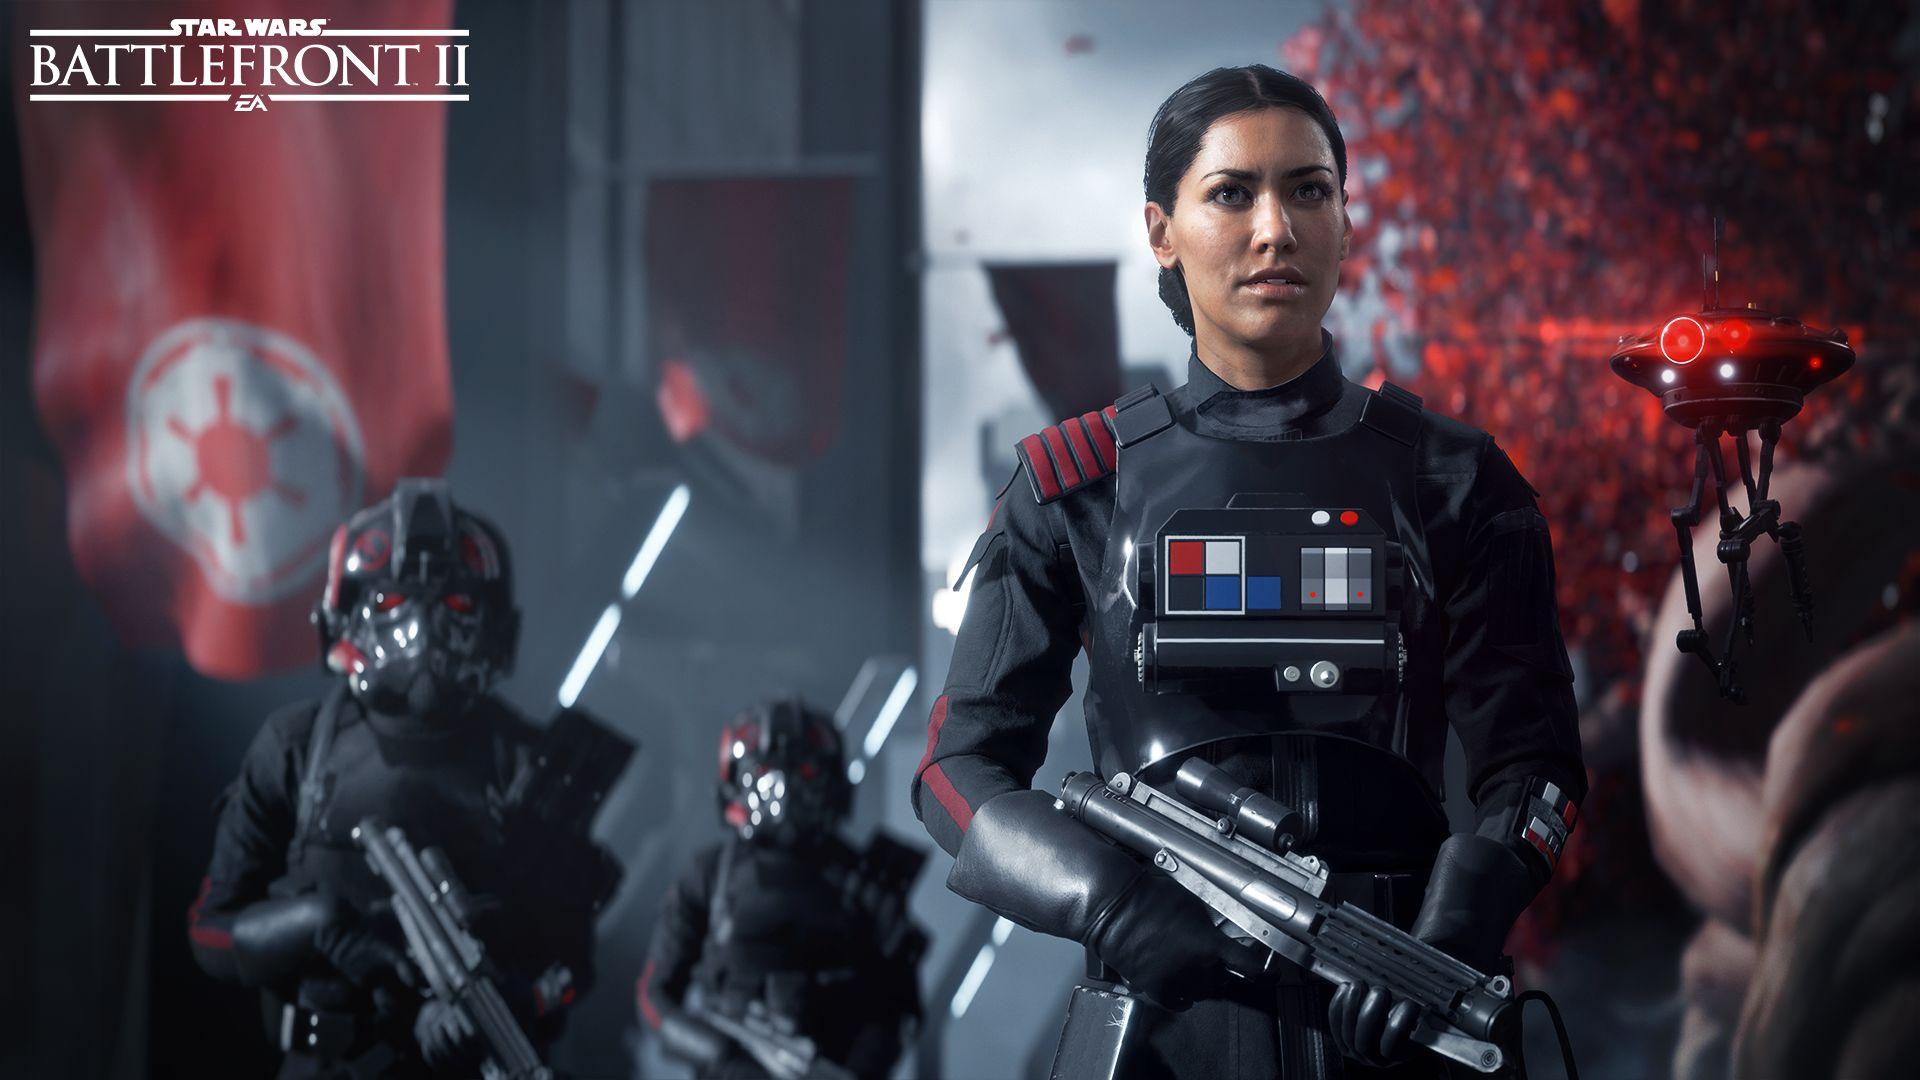 Star Wars Battlefront II : Iden Versio